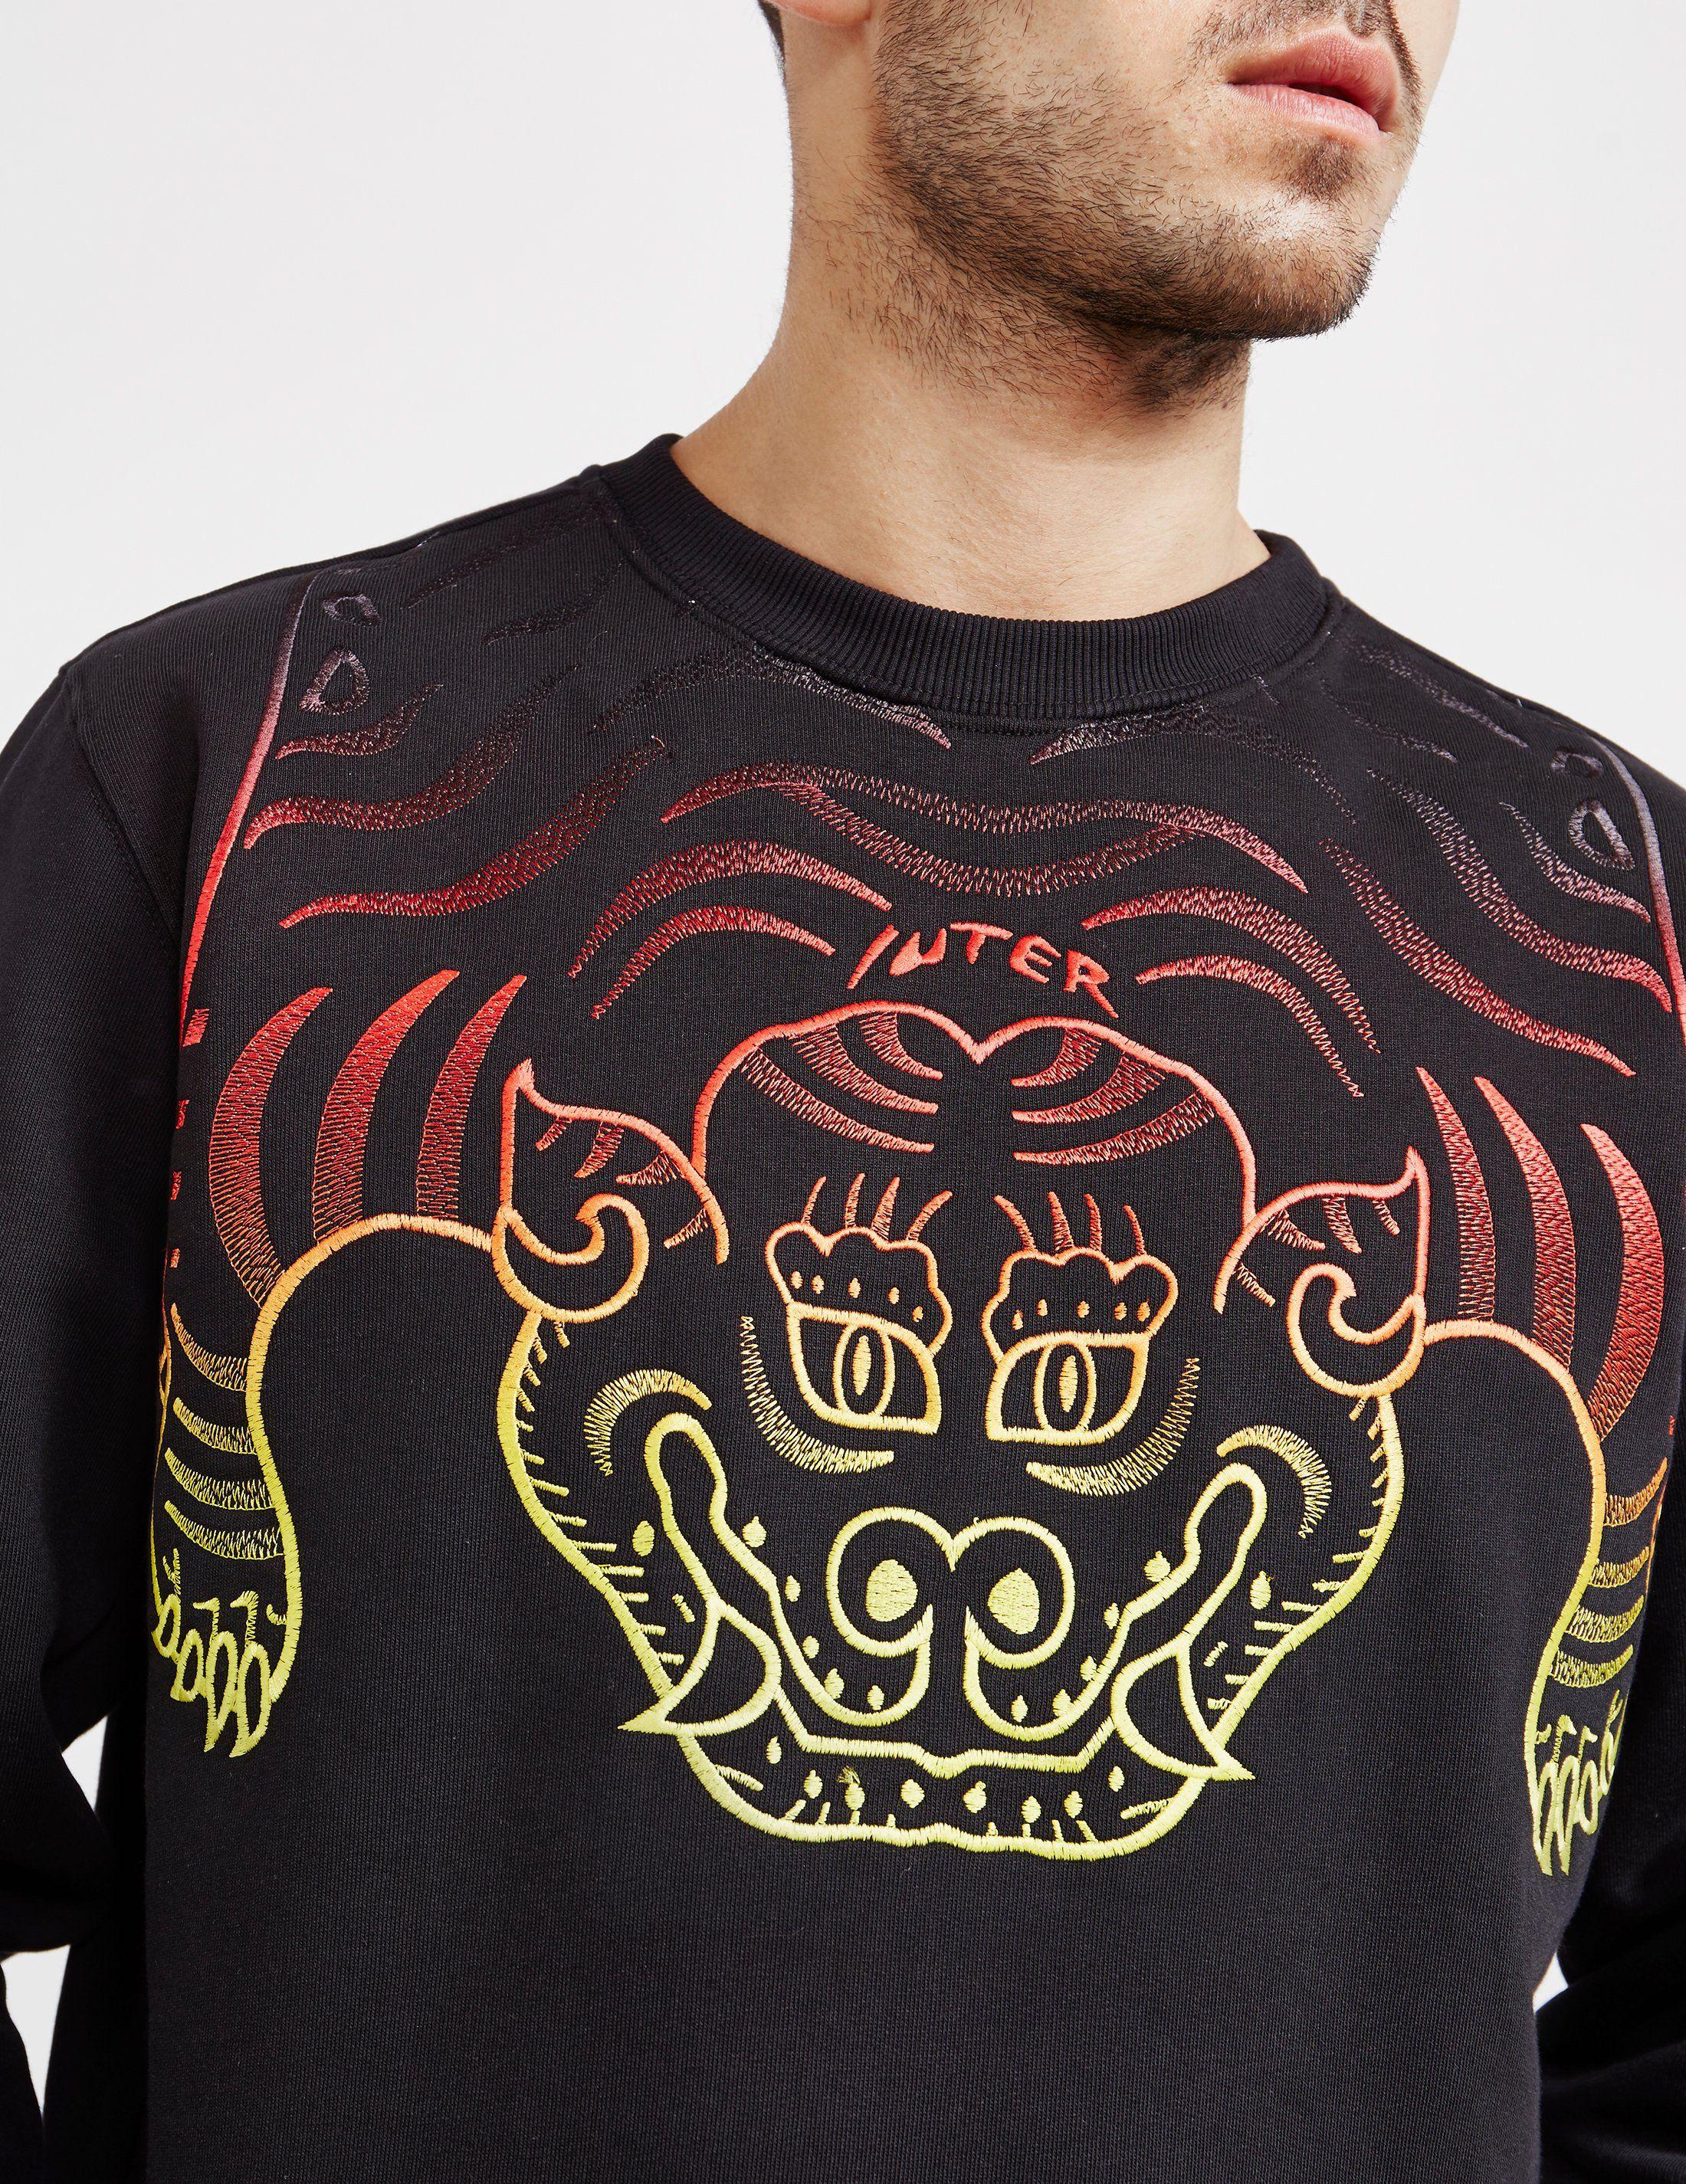 IUTER Tibetan Gradient Sweatshirt - Exclusive